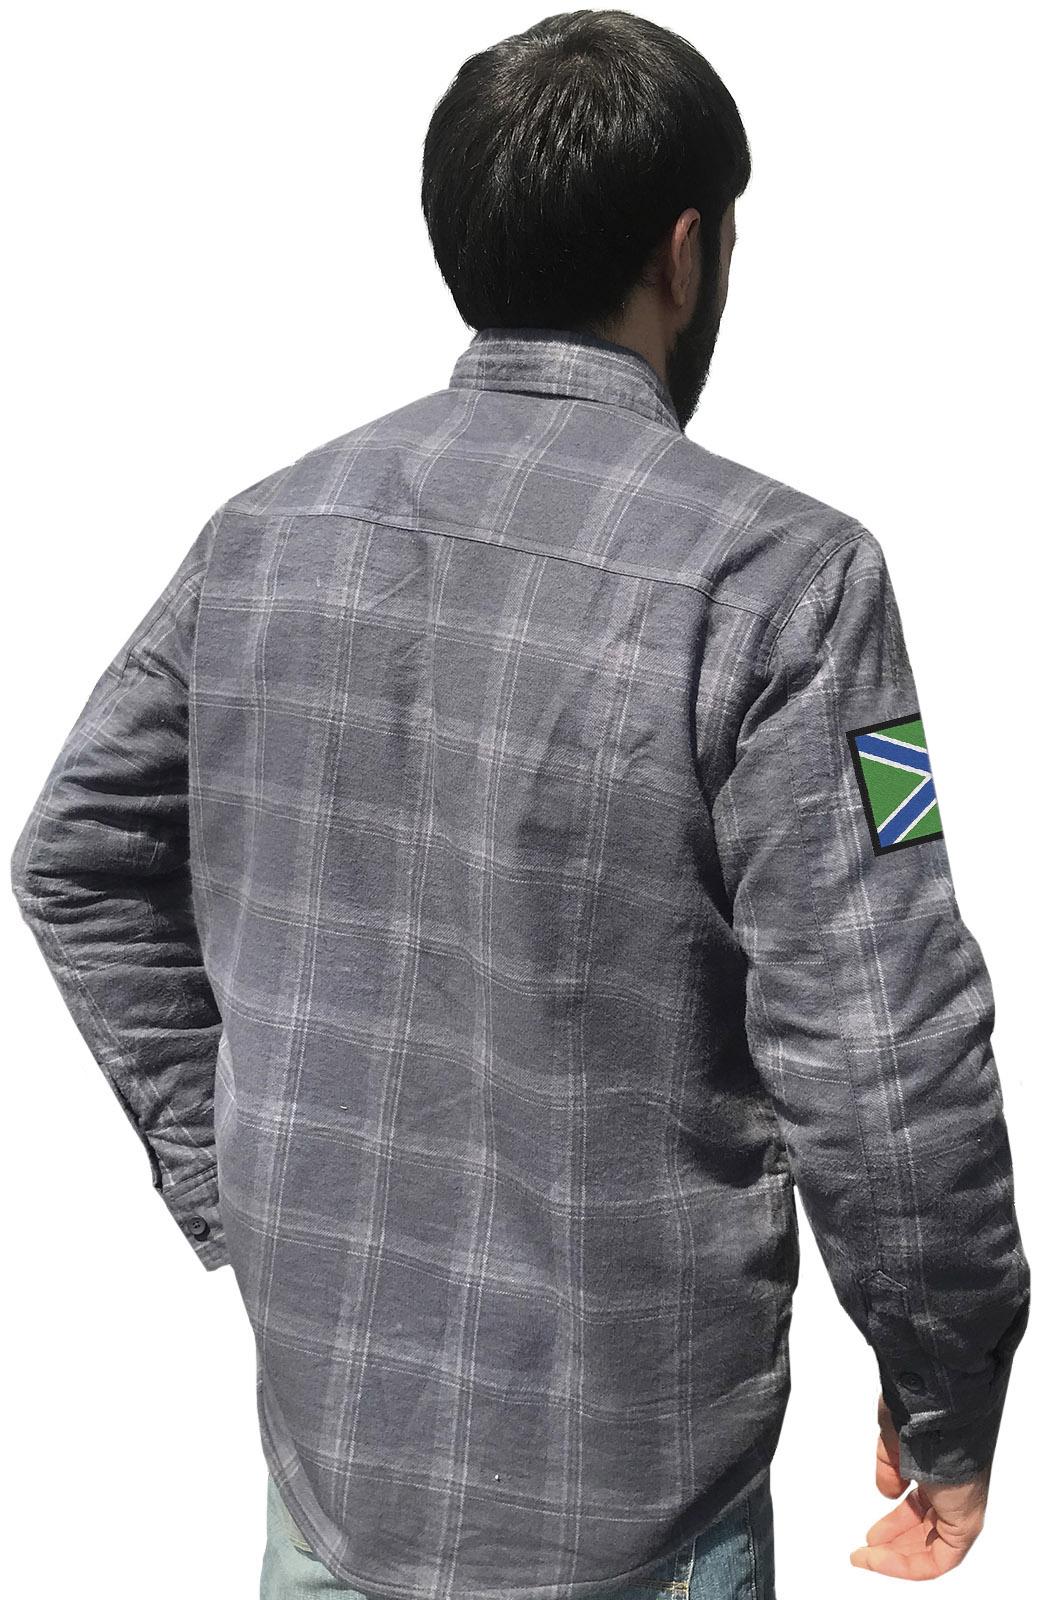 Купить крутую теплую рубашку с вышитым шевроном МЧПВ РФ оптом или в розницу